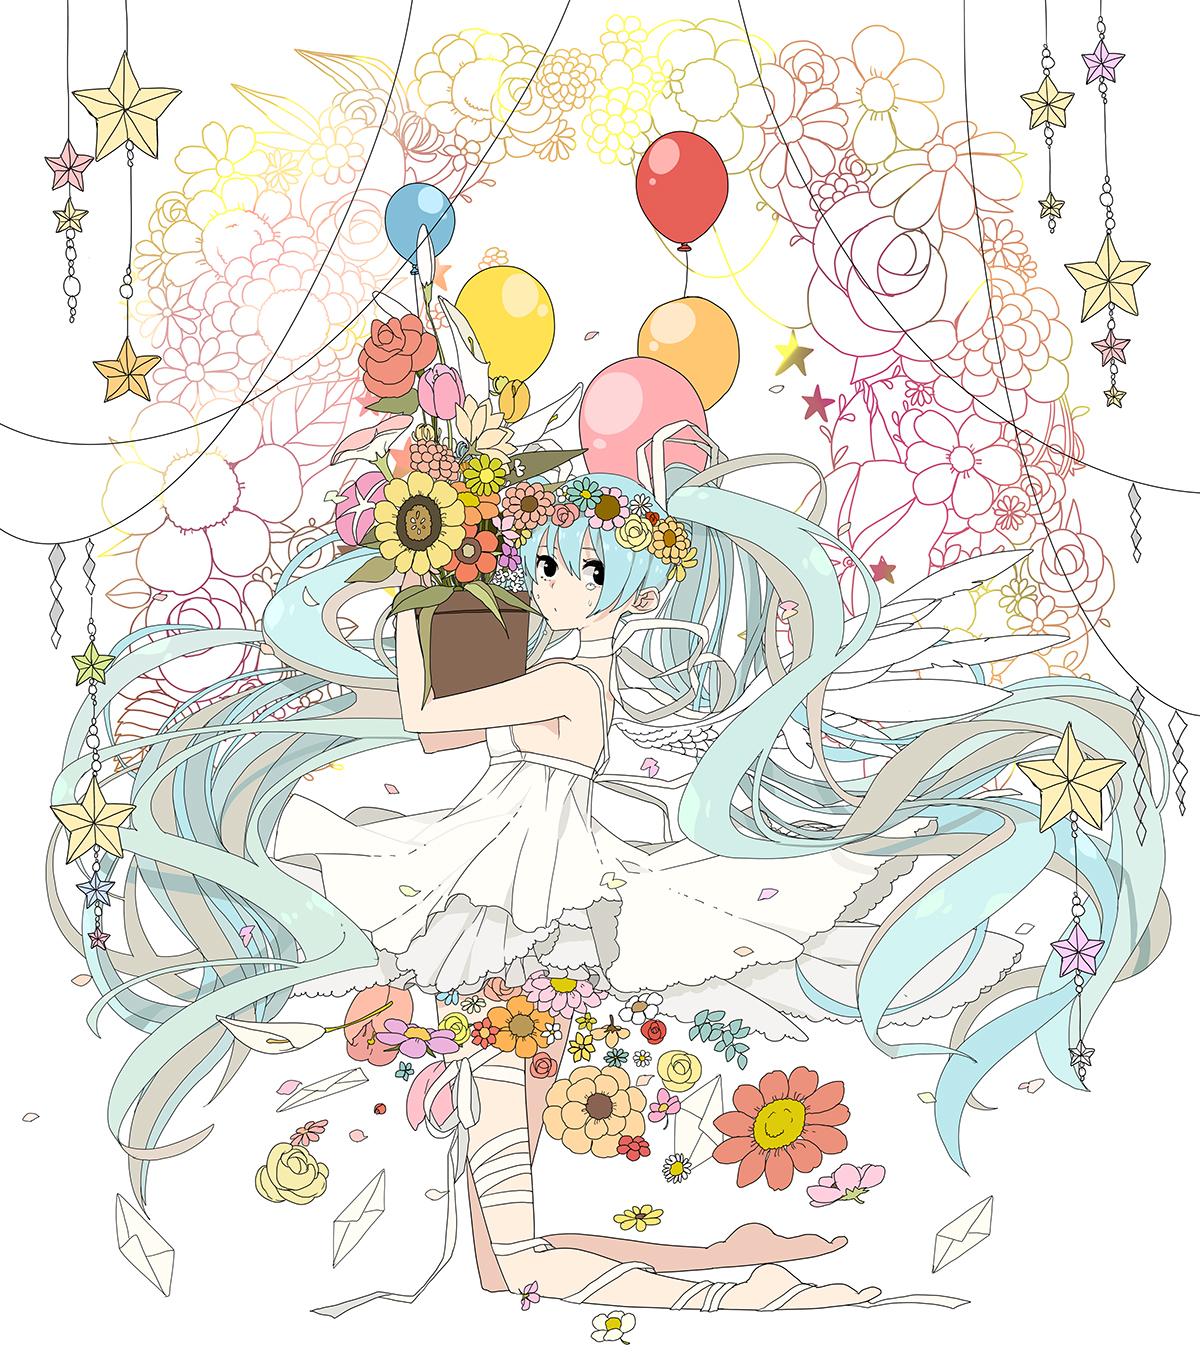 P站画师作品【C85】Re:ポエミーポエミー